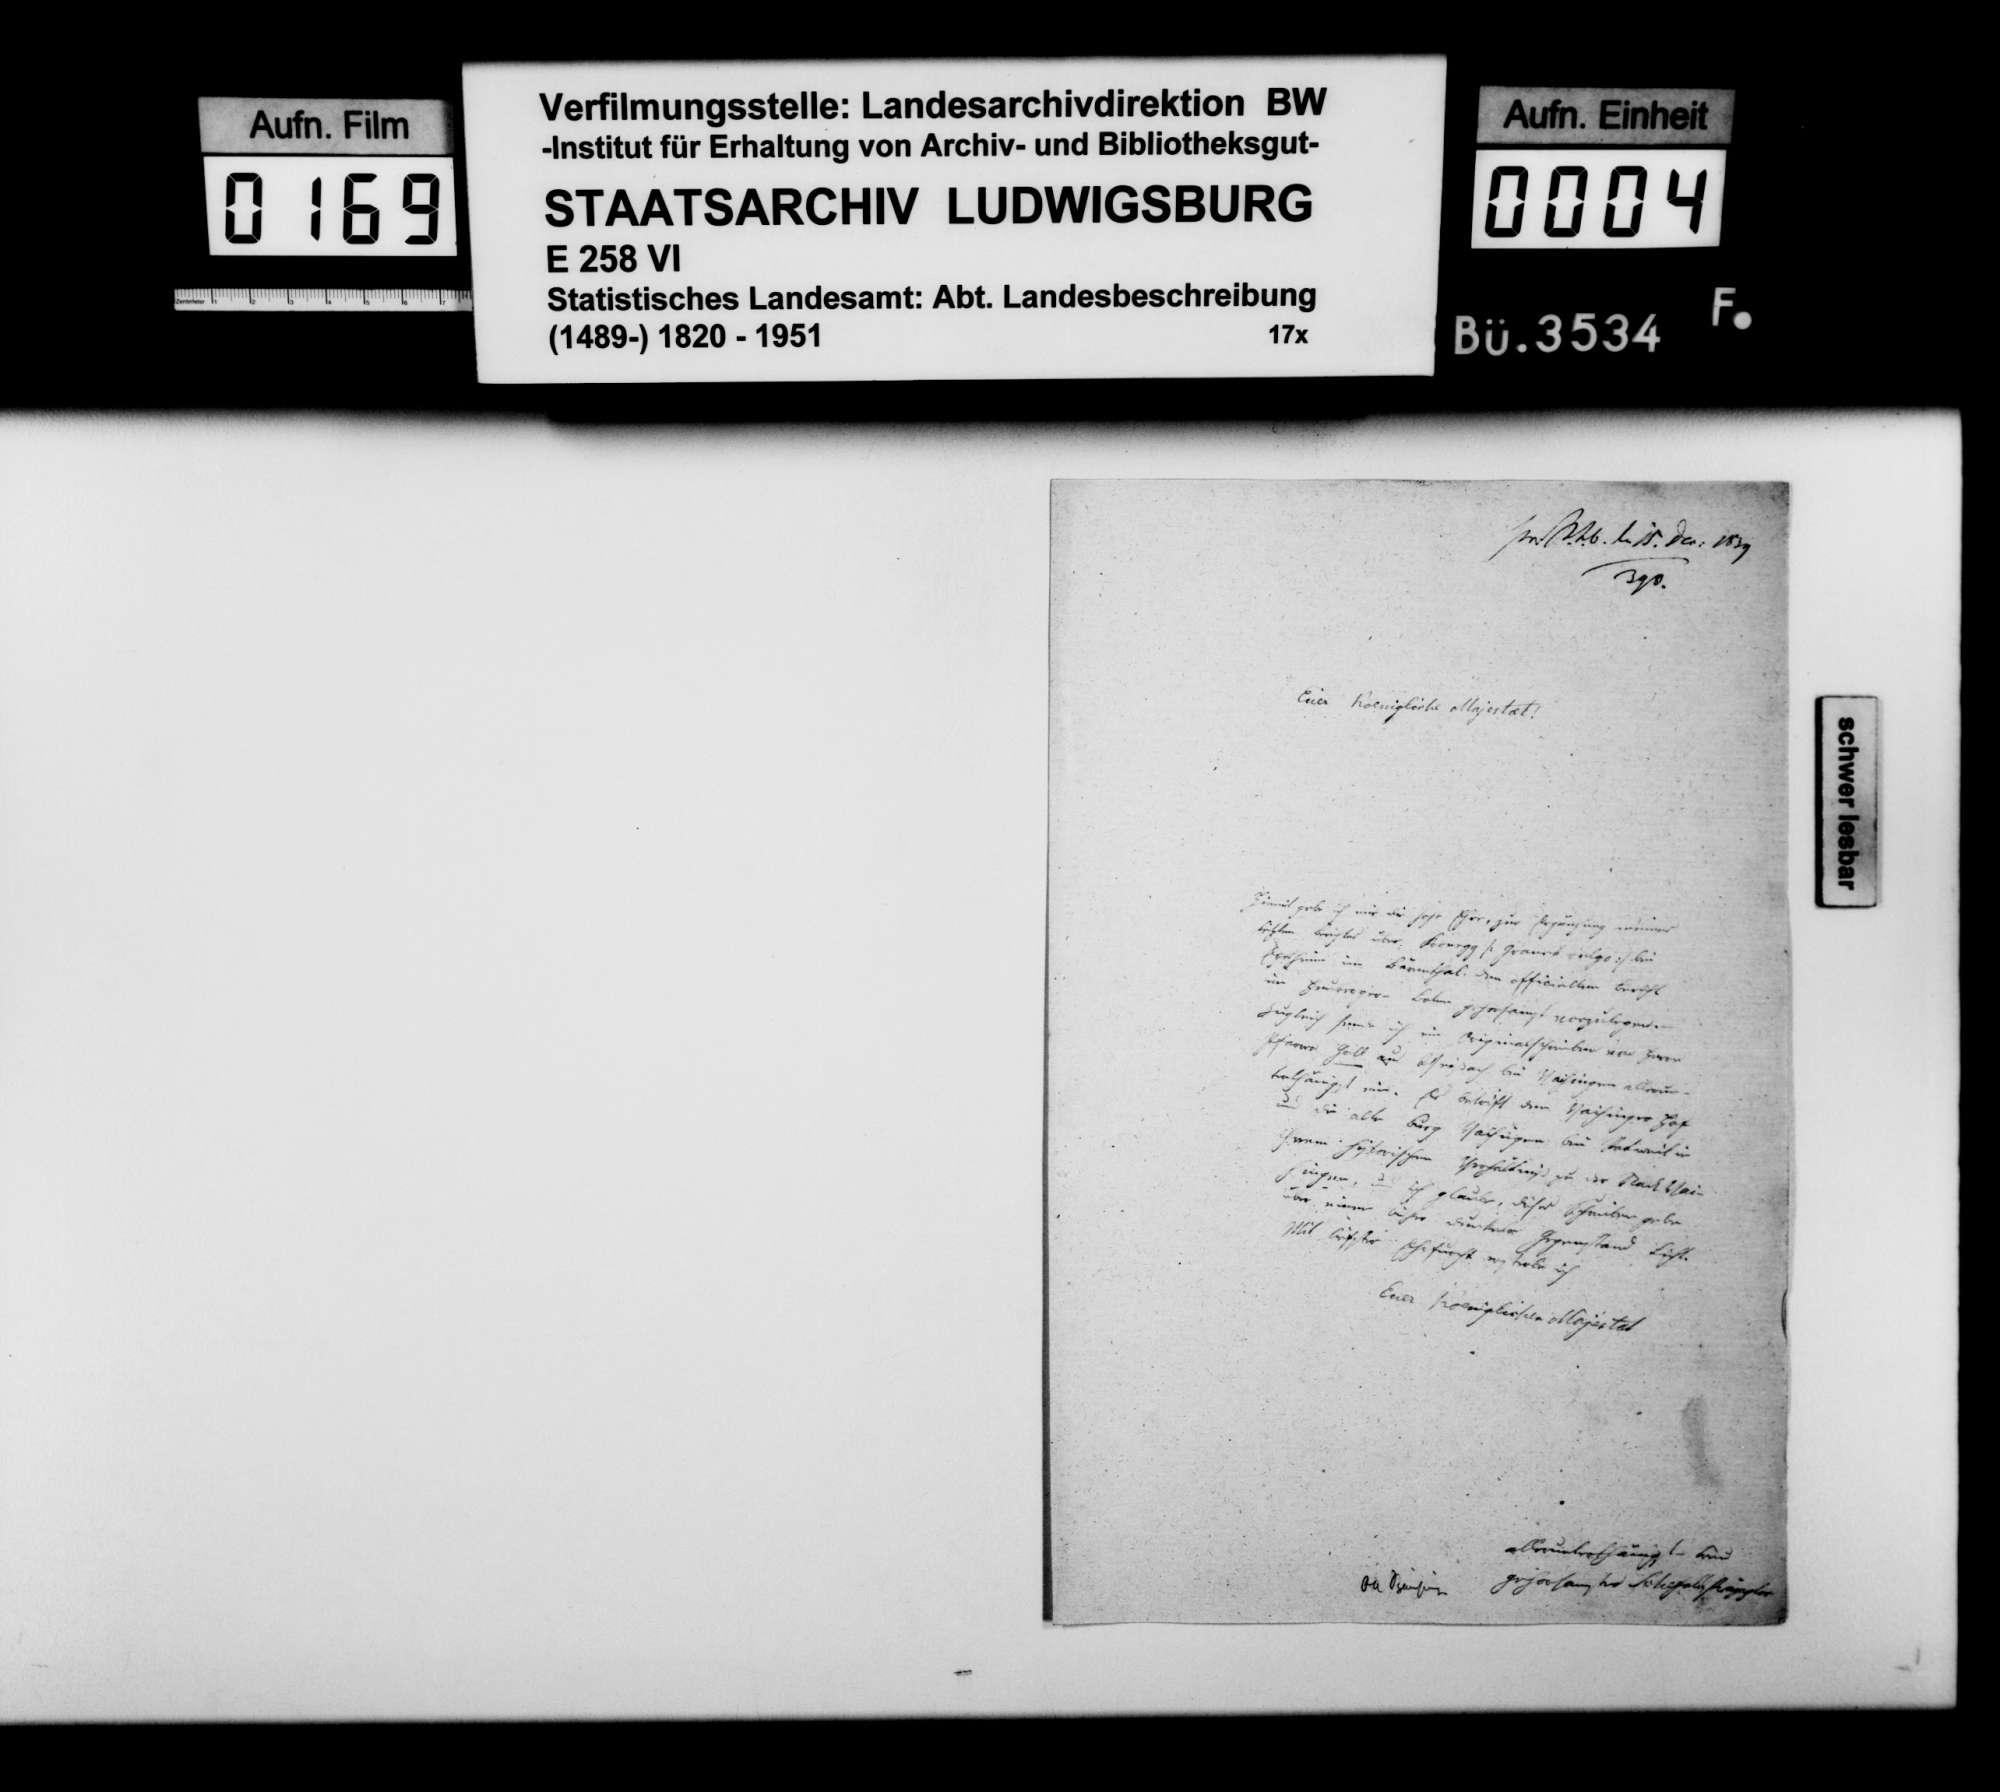 Mitteilungen und Berichte des Präzeptors Schefold aus Spaichingen über Bodenfunde, Ruinen u.dgl. in der Region, Bild 3